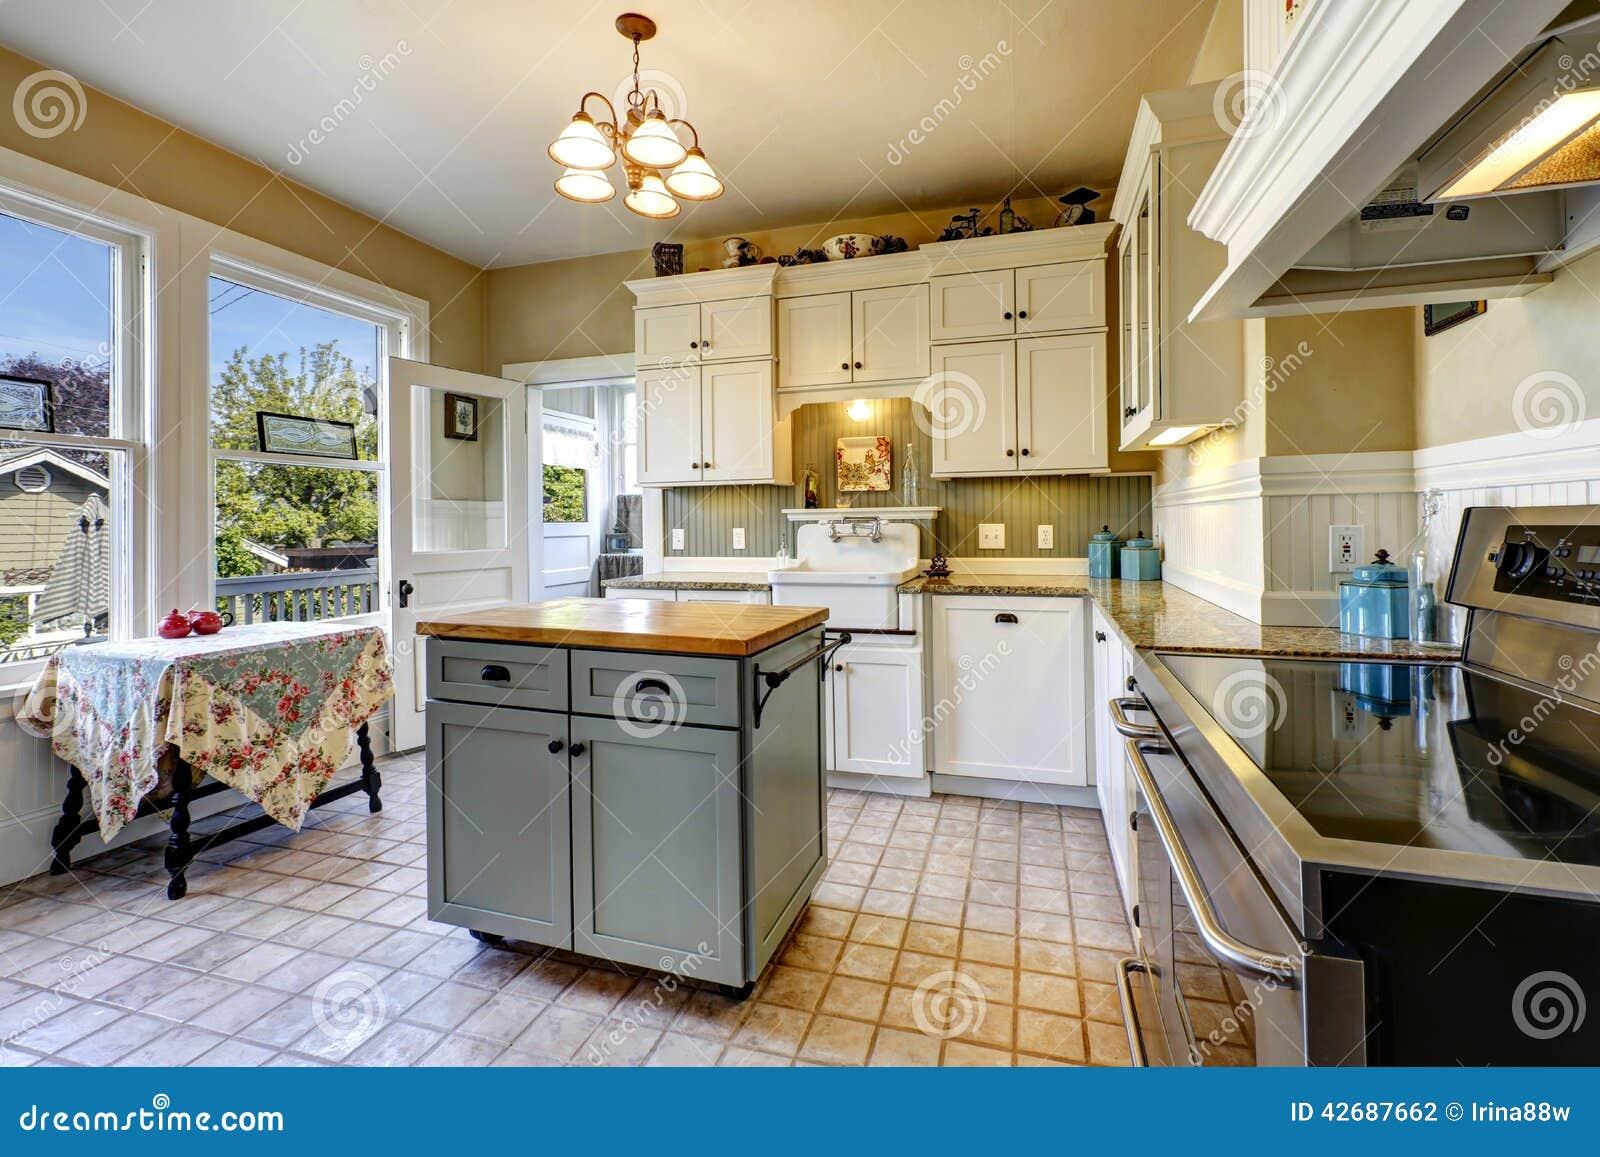 Int rieur de cuisine dans la vieille maison avec la table - La maison de la table ...